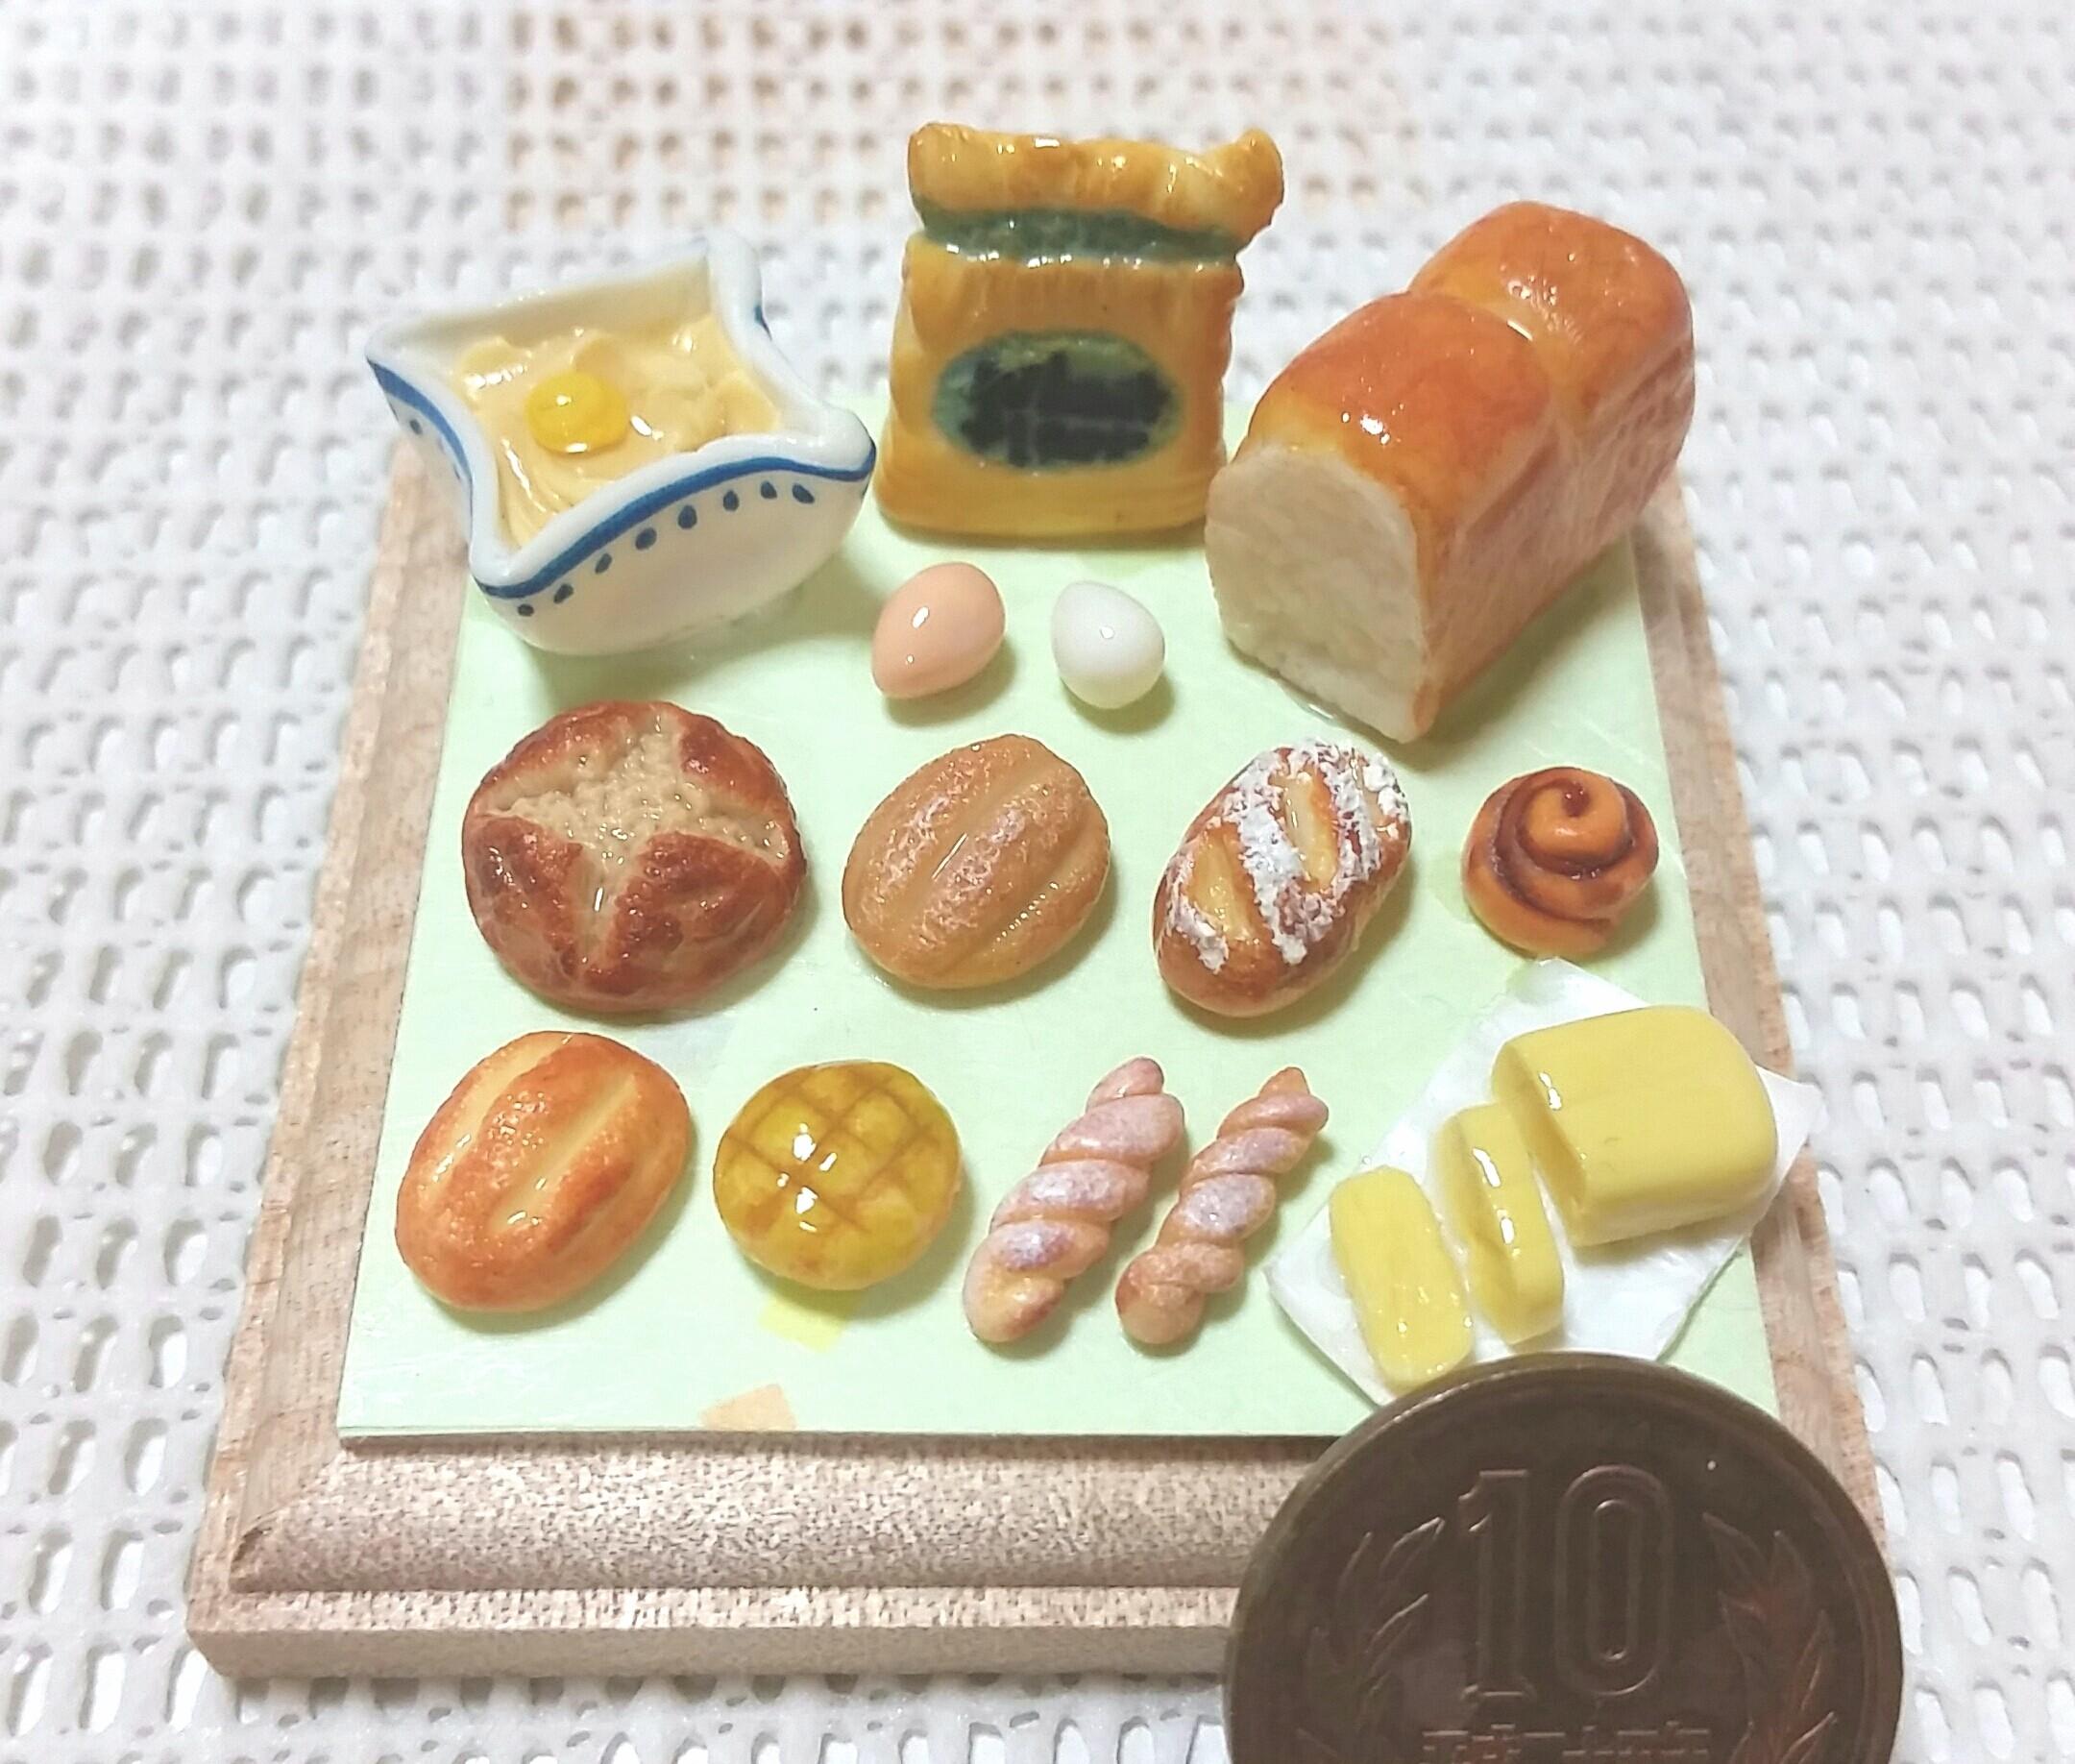 ミニチュアフード,パン,過去作品,食べ物,食品サンプル,ハンドメイド